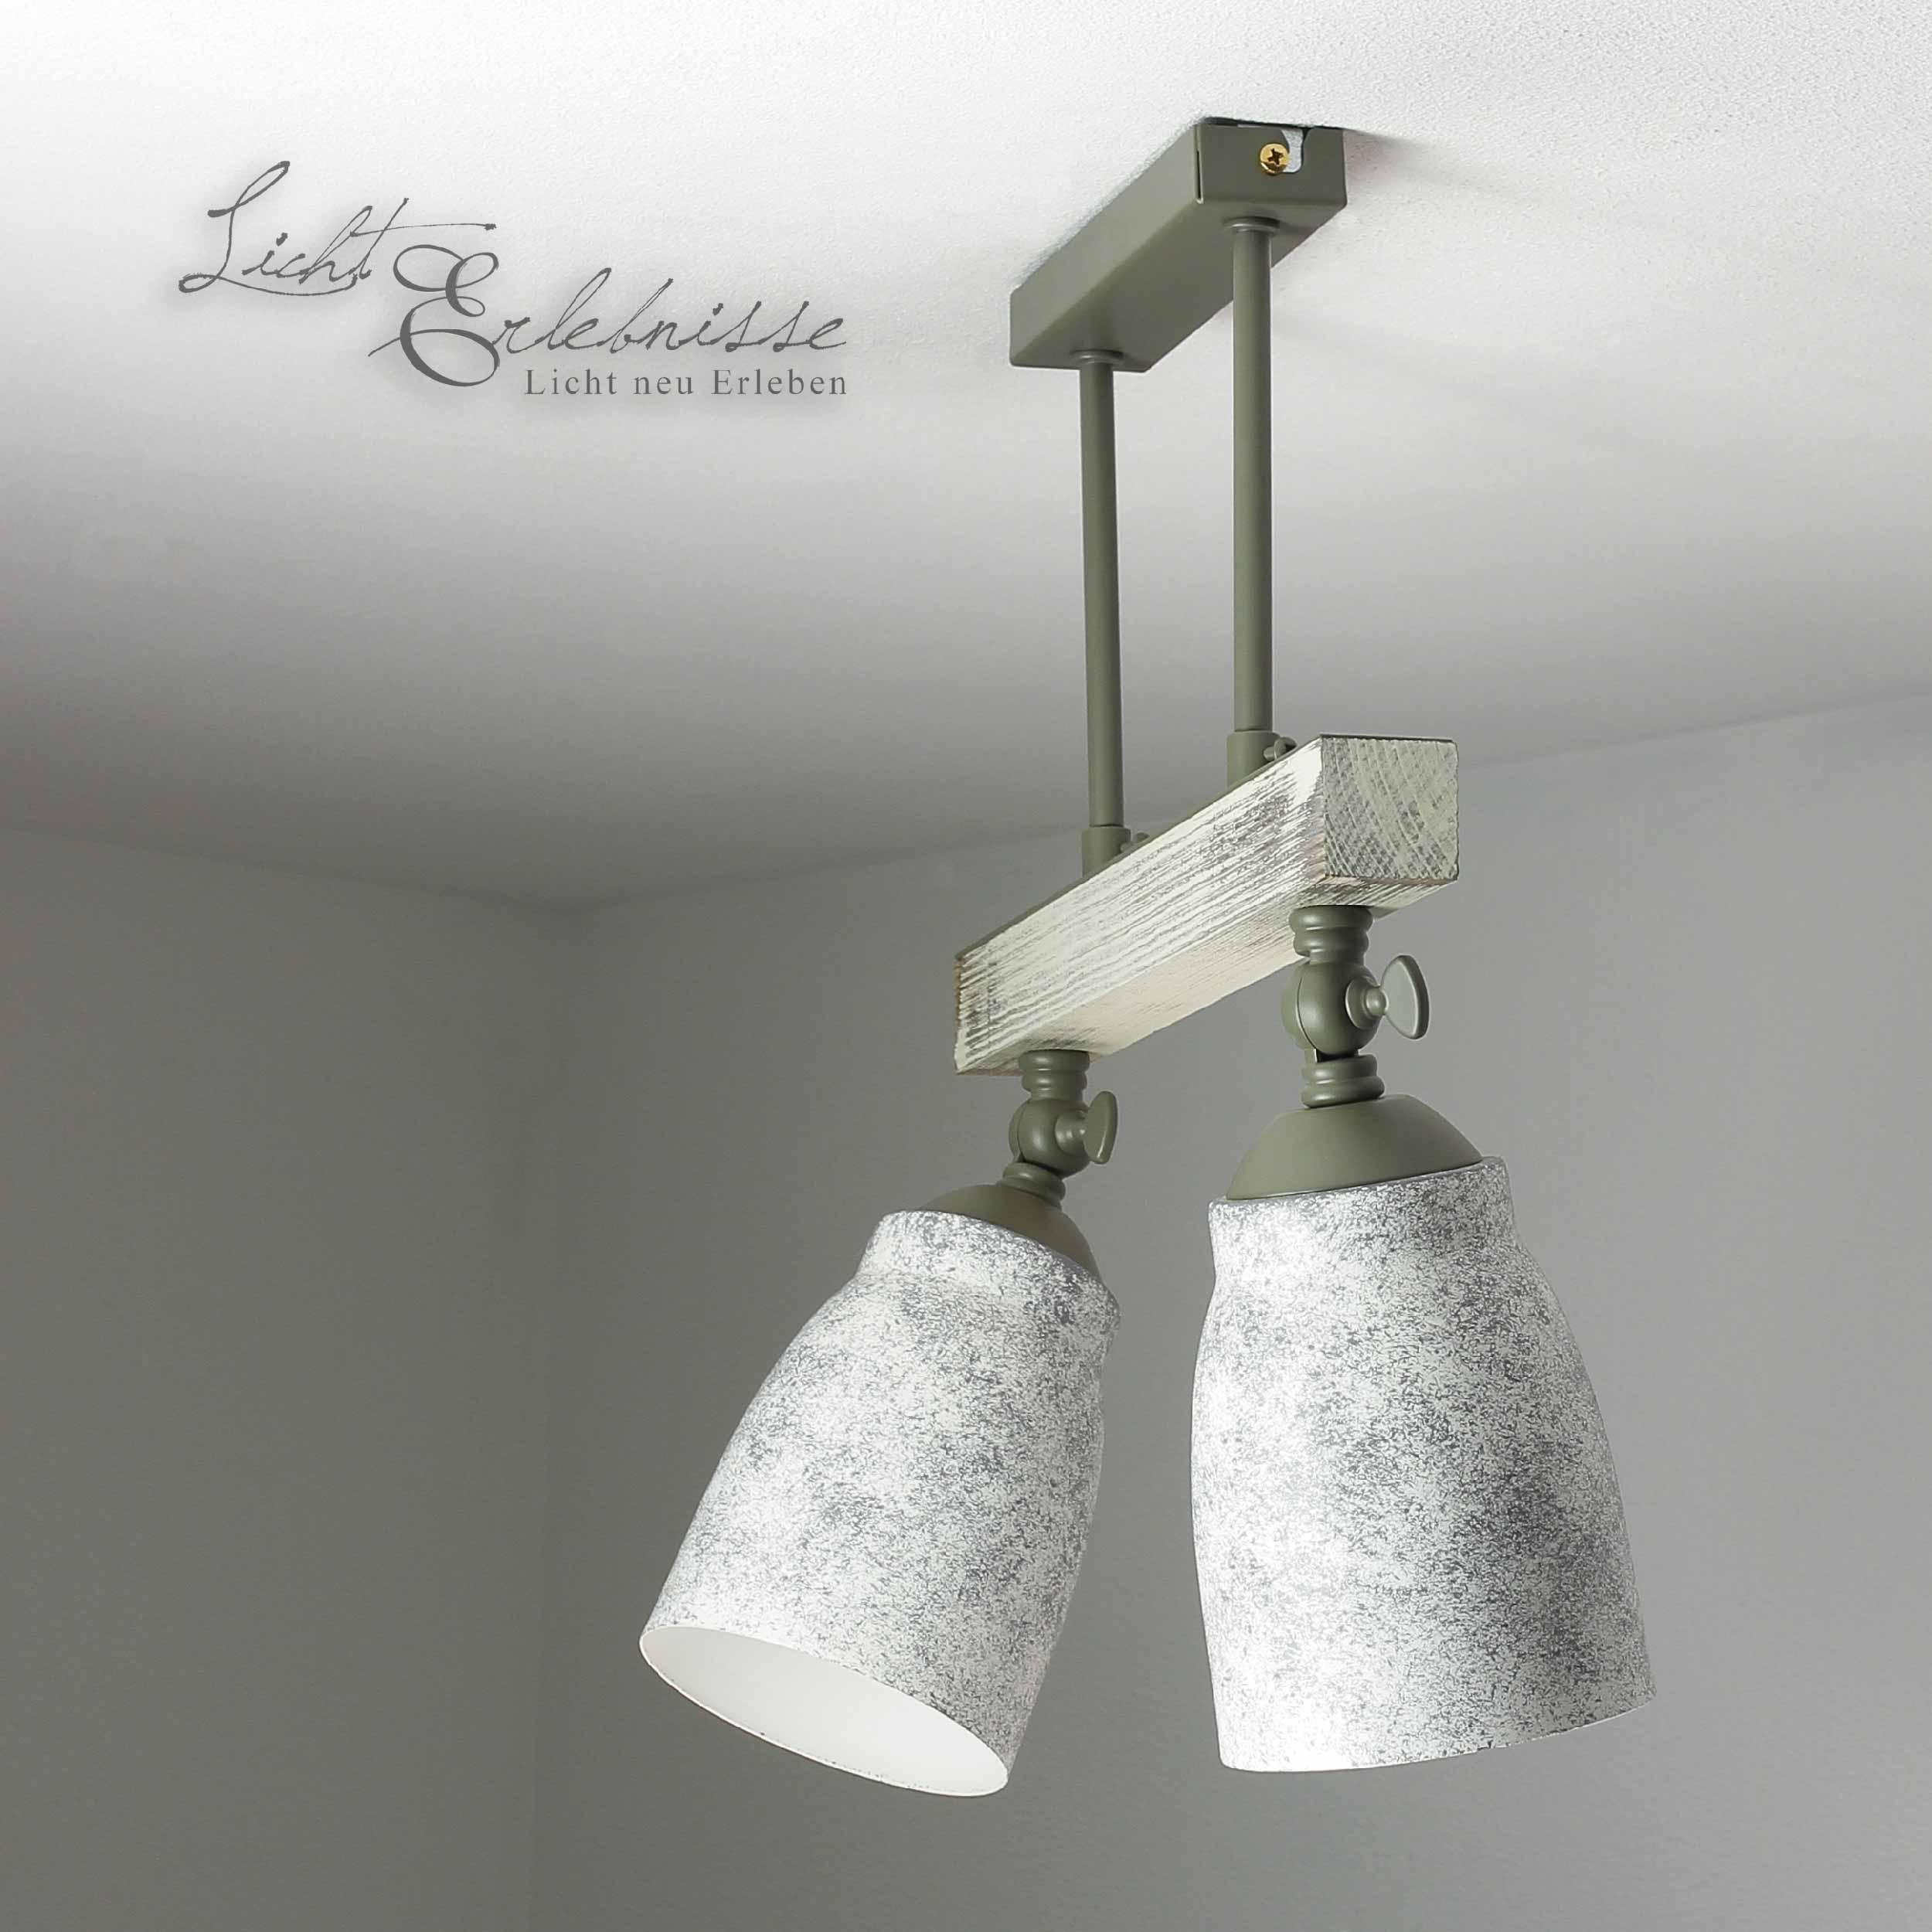 Vintage Deckenlampe drehbar Shabby Weiß Taupe AGAP